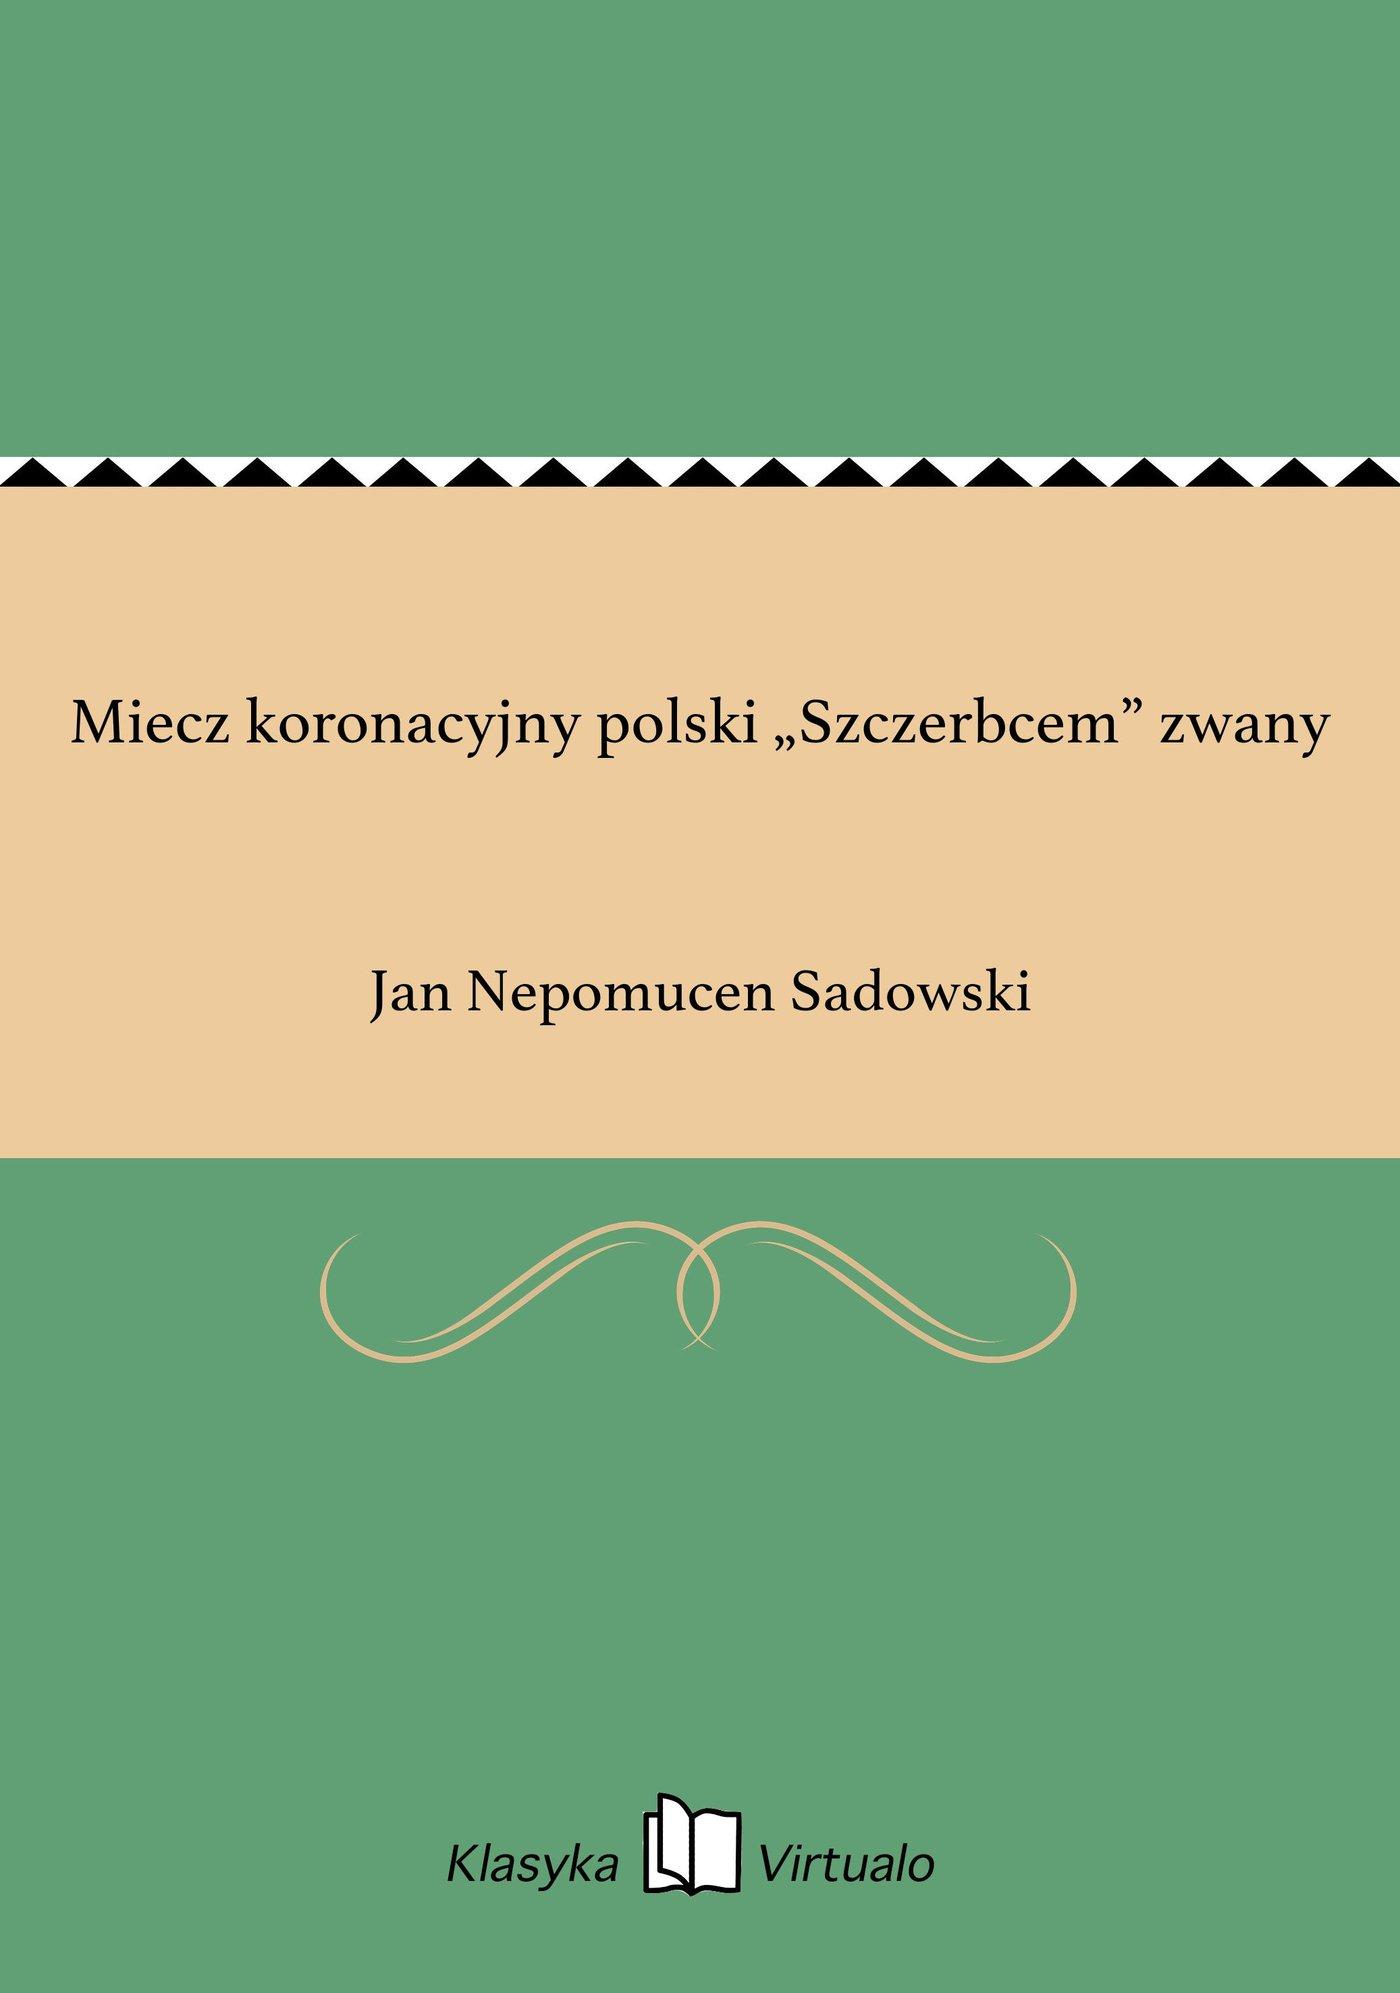 """Miecz koronacyjny polski """"Szczerbcem"""" zwany - Ebook (Książka EPUB) do pobrania w formacie EPUB"""